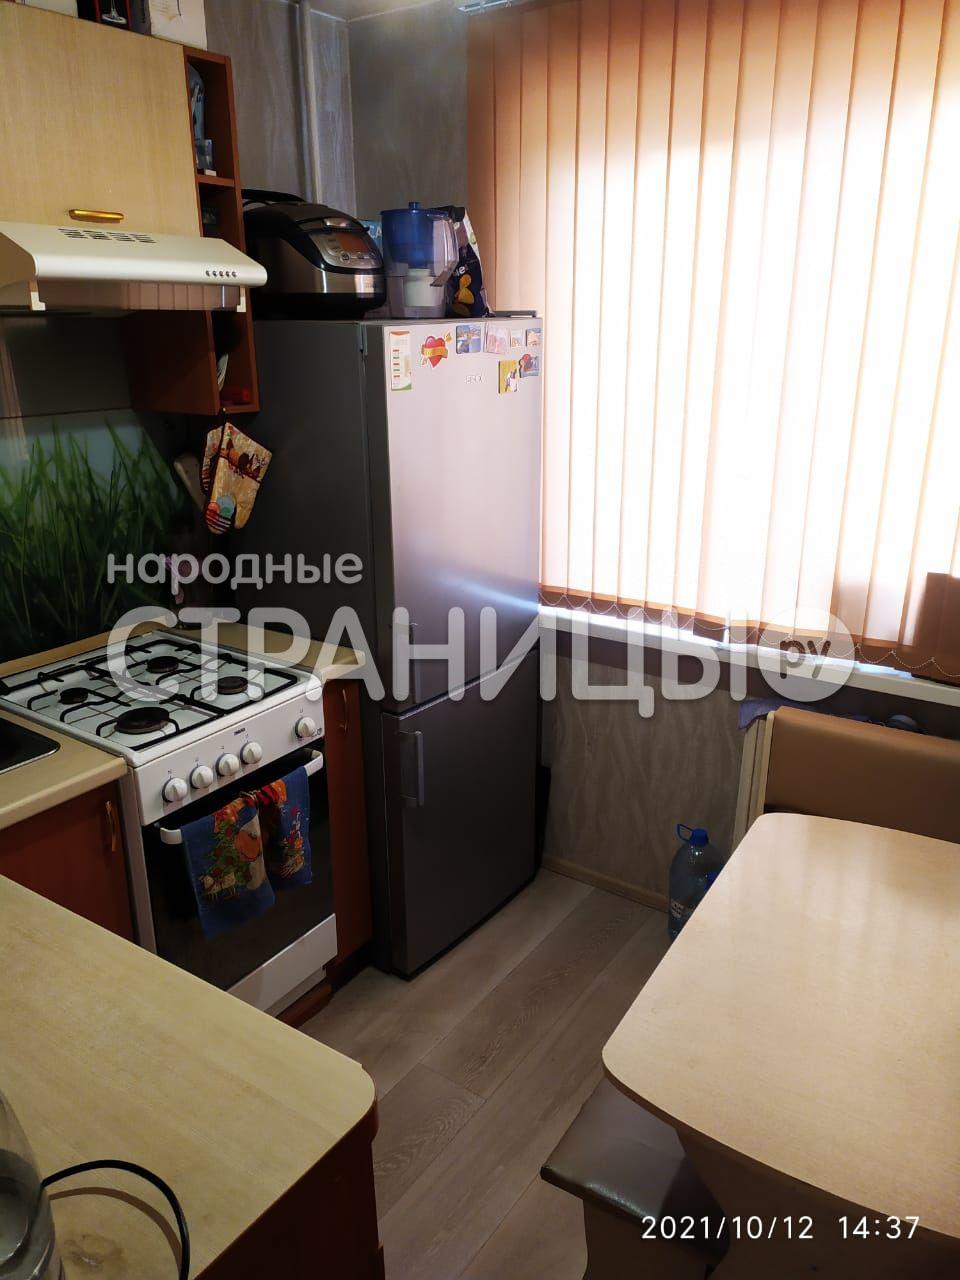 1-комнатная квартира, 31.3 м²,  1/5 эт. Панельный дом, Вторичное жилье